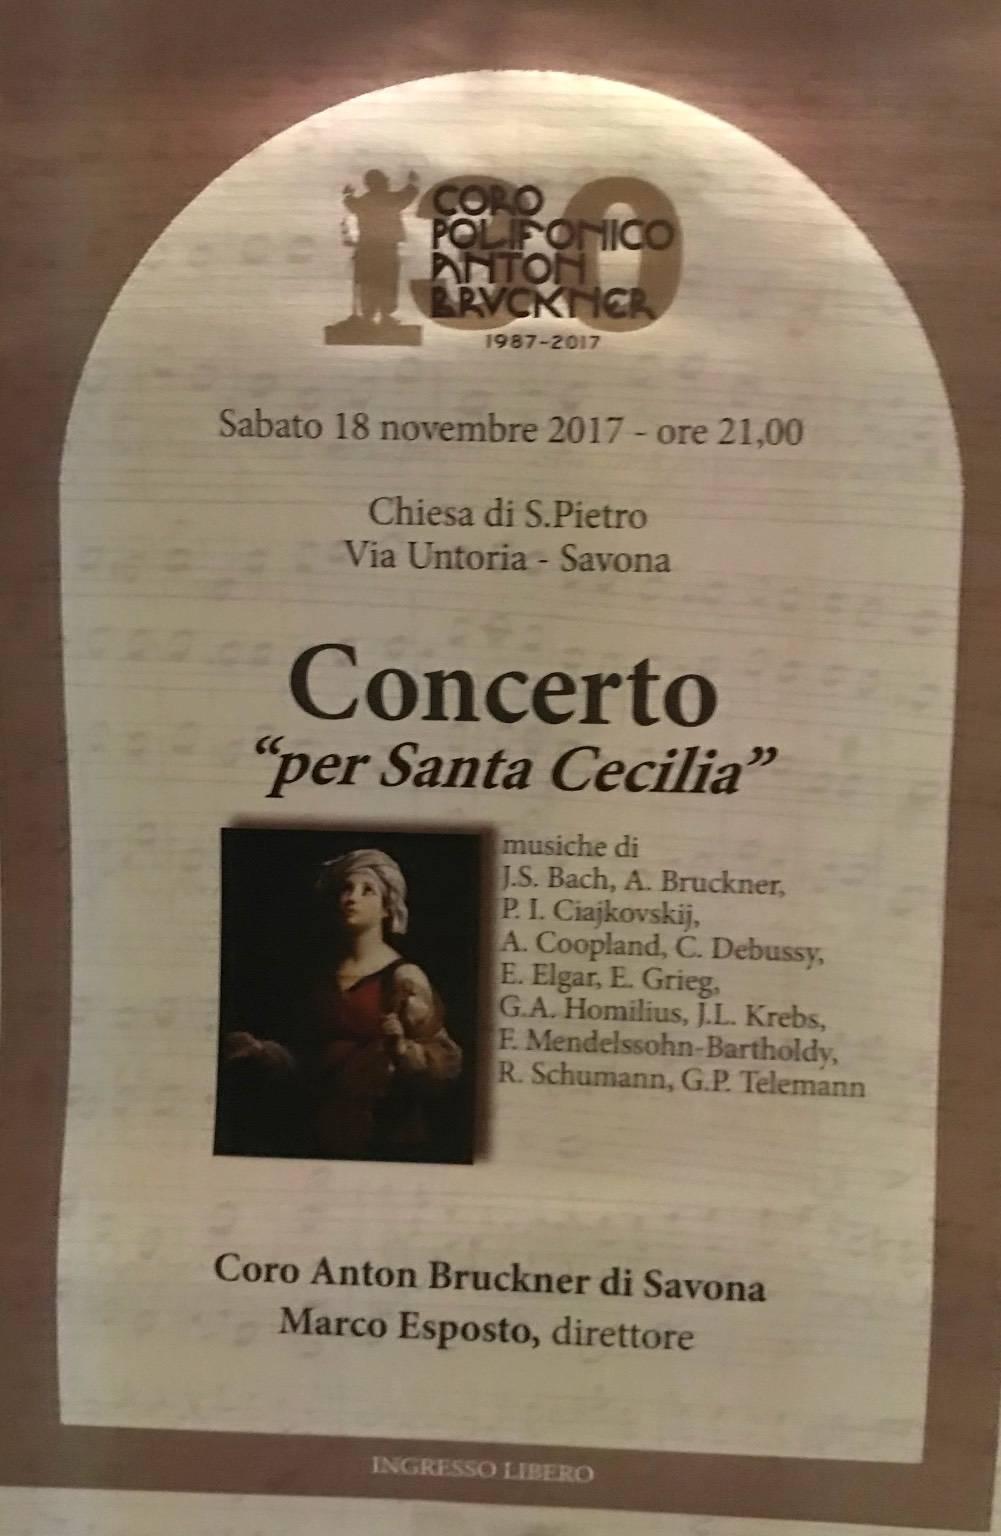 Concerto per Santa Cecilia Coro Anton Bruckner